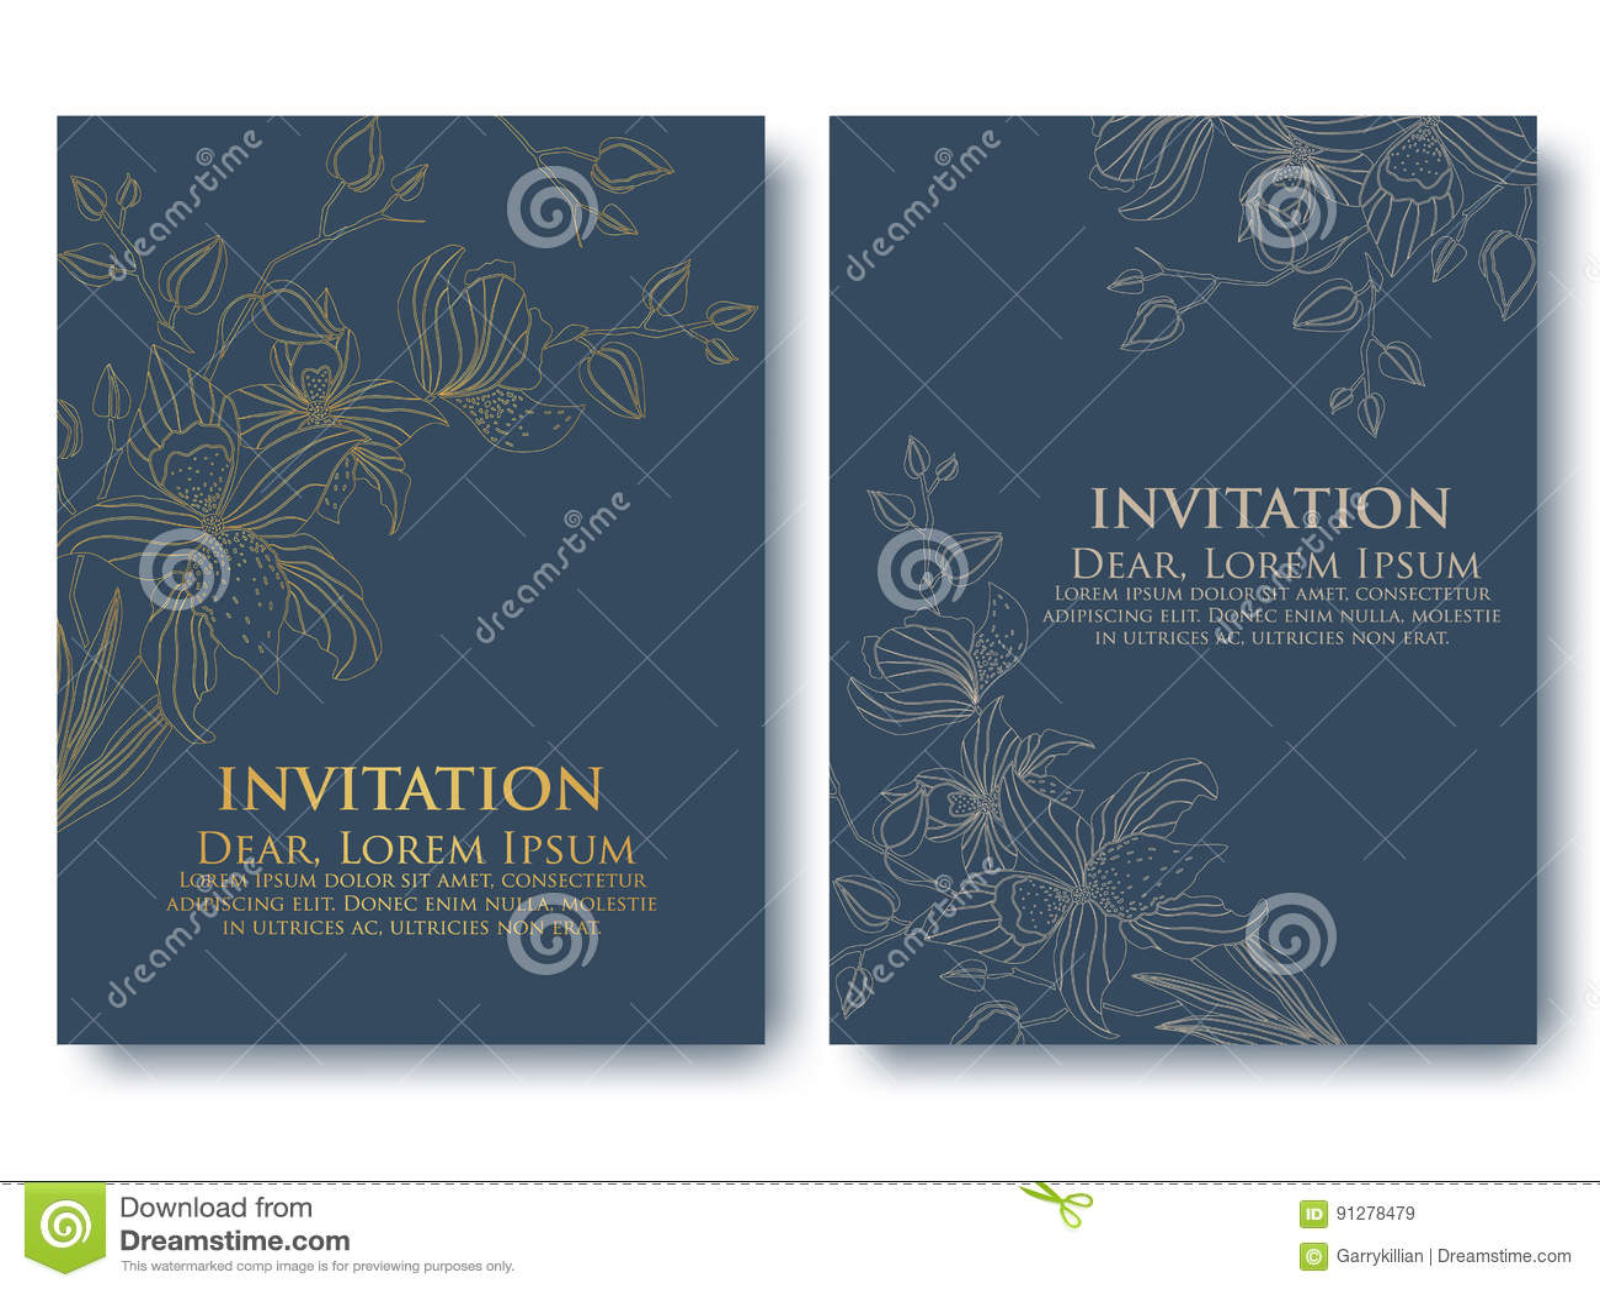 Dirigez L Invitation Ou Le Mariage Cartes Avec Les Elements Floraux Ornements Abstraits Elegants